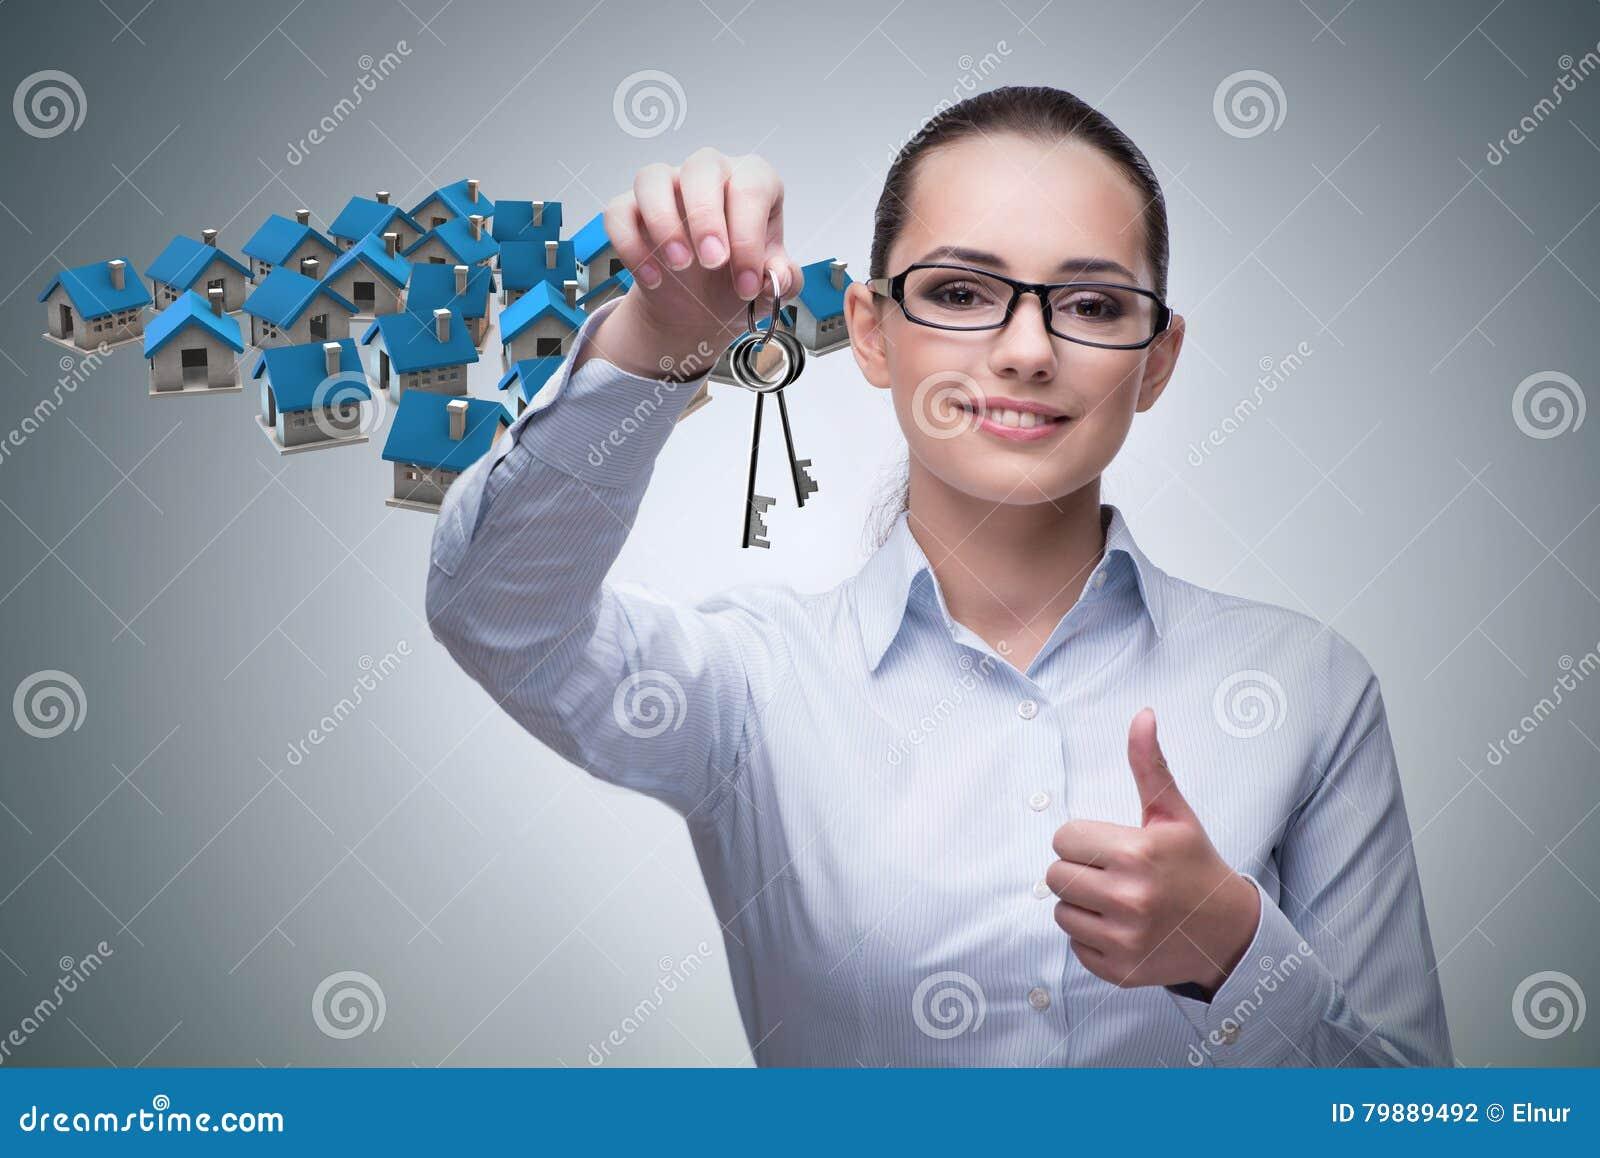 De onderneemster in het concept van de onroerende goederenhypotheek